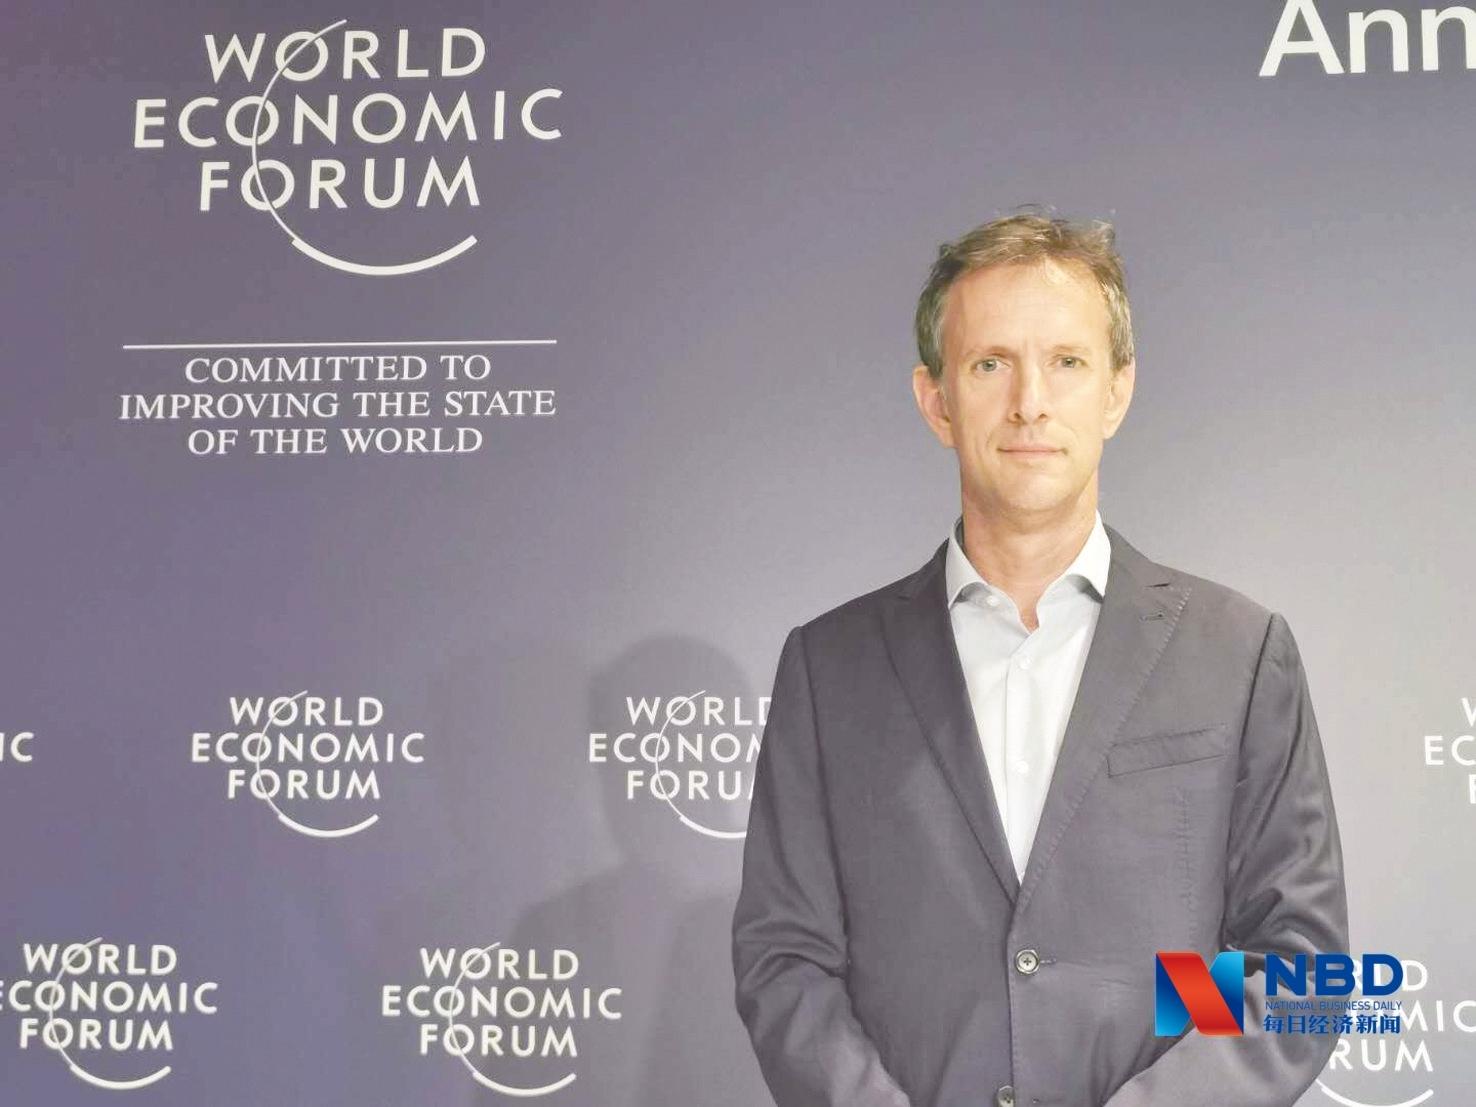 每經記者對話世界經濟論壇戰略溝通主管奧利弗-鄭州小程序開發